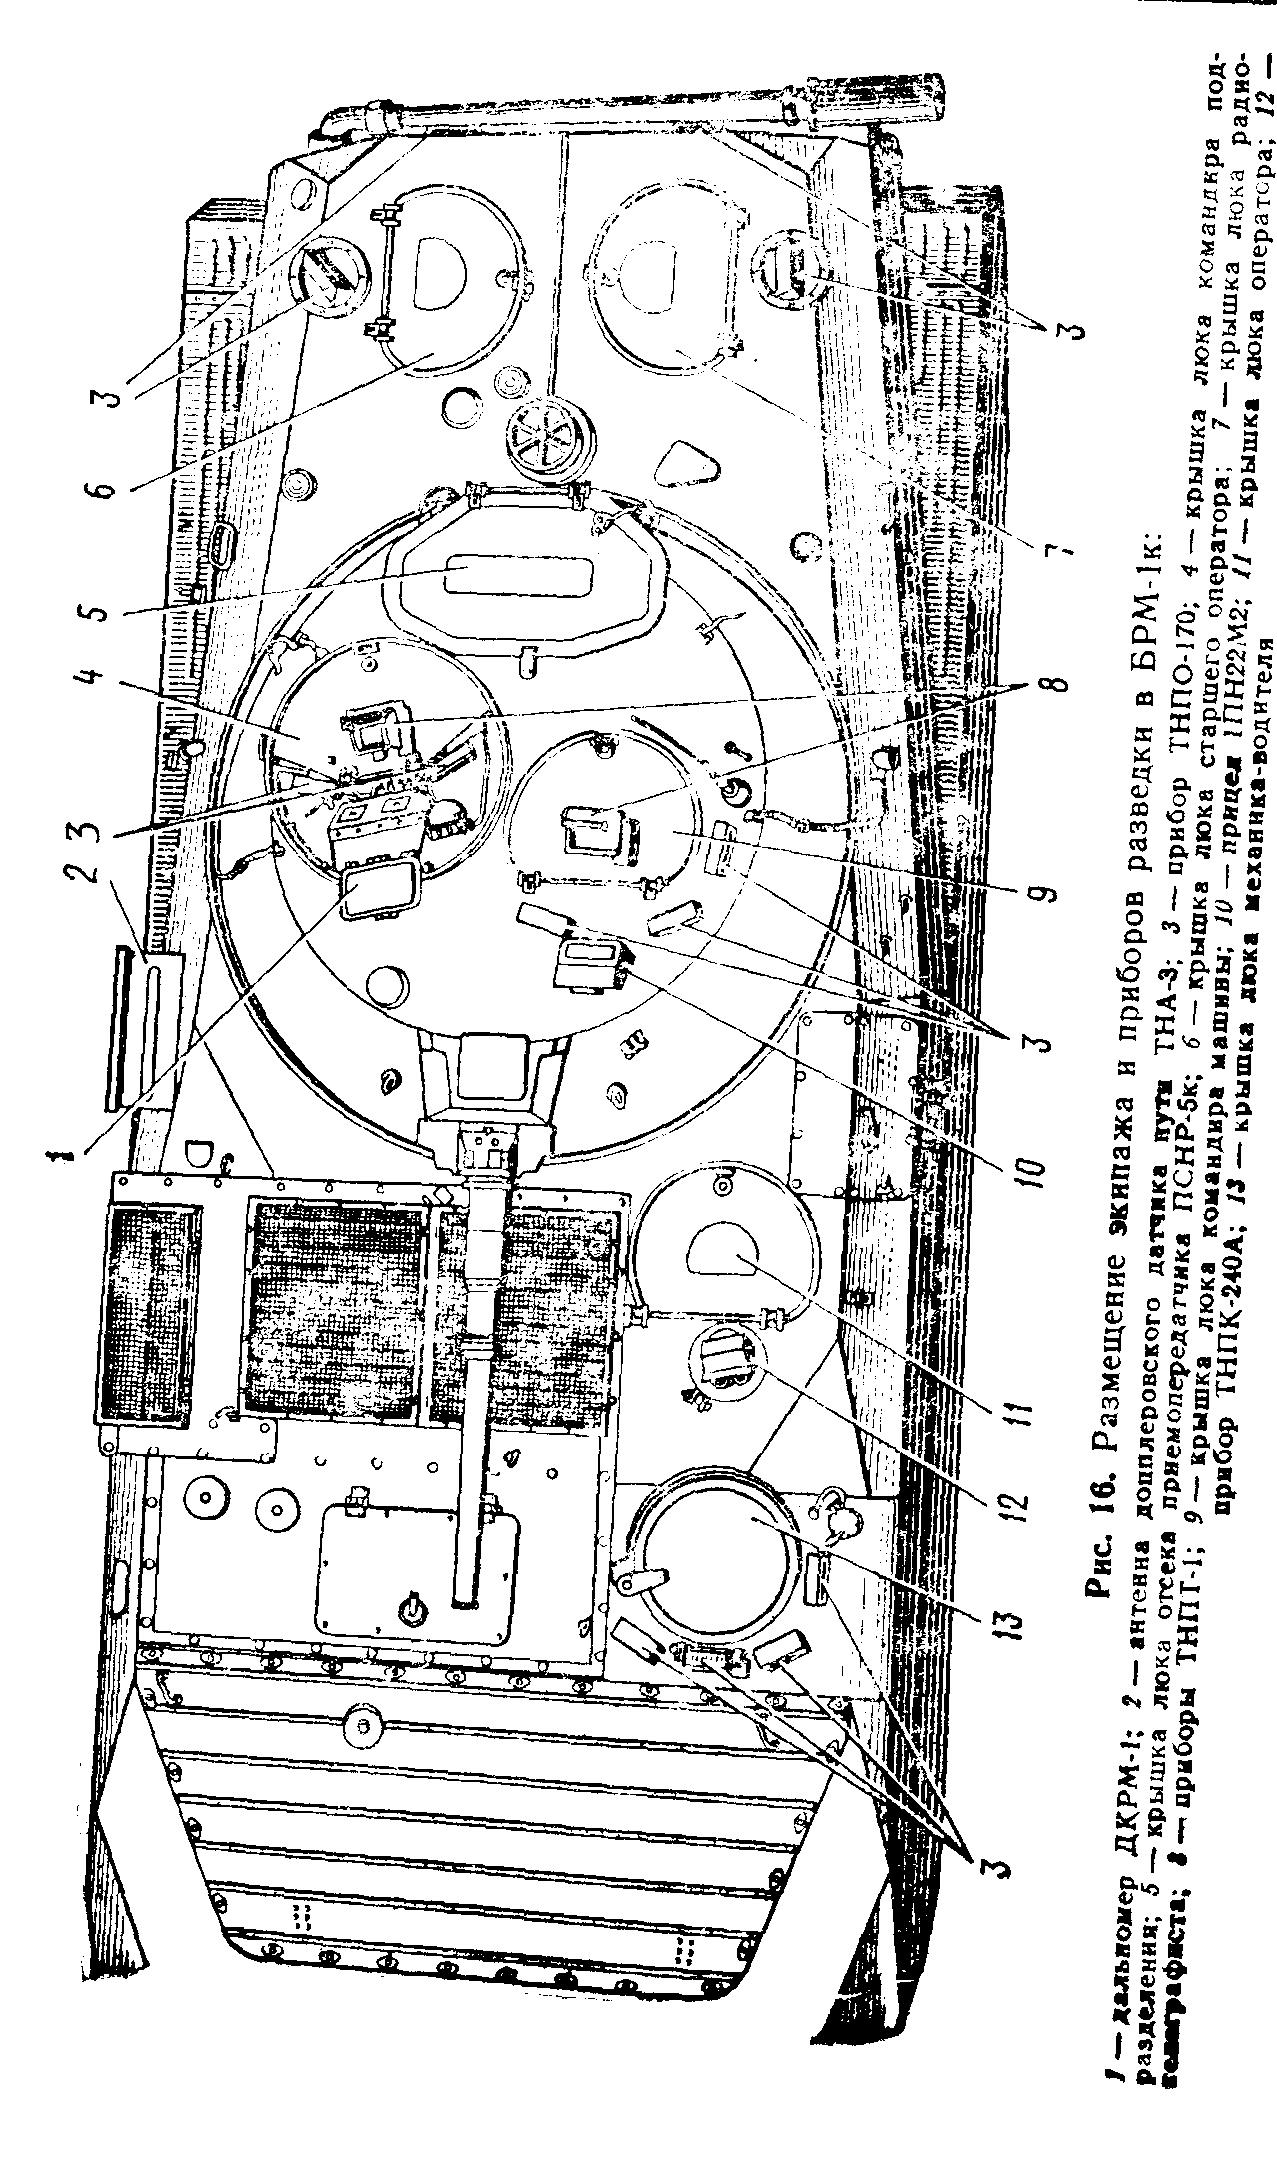 брм-1к техническое описание и инструкция по эксплуатации скачать